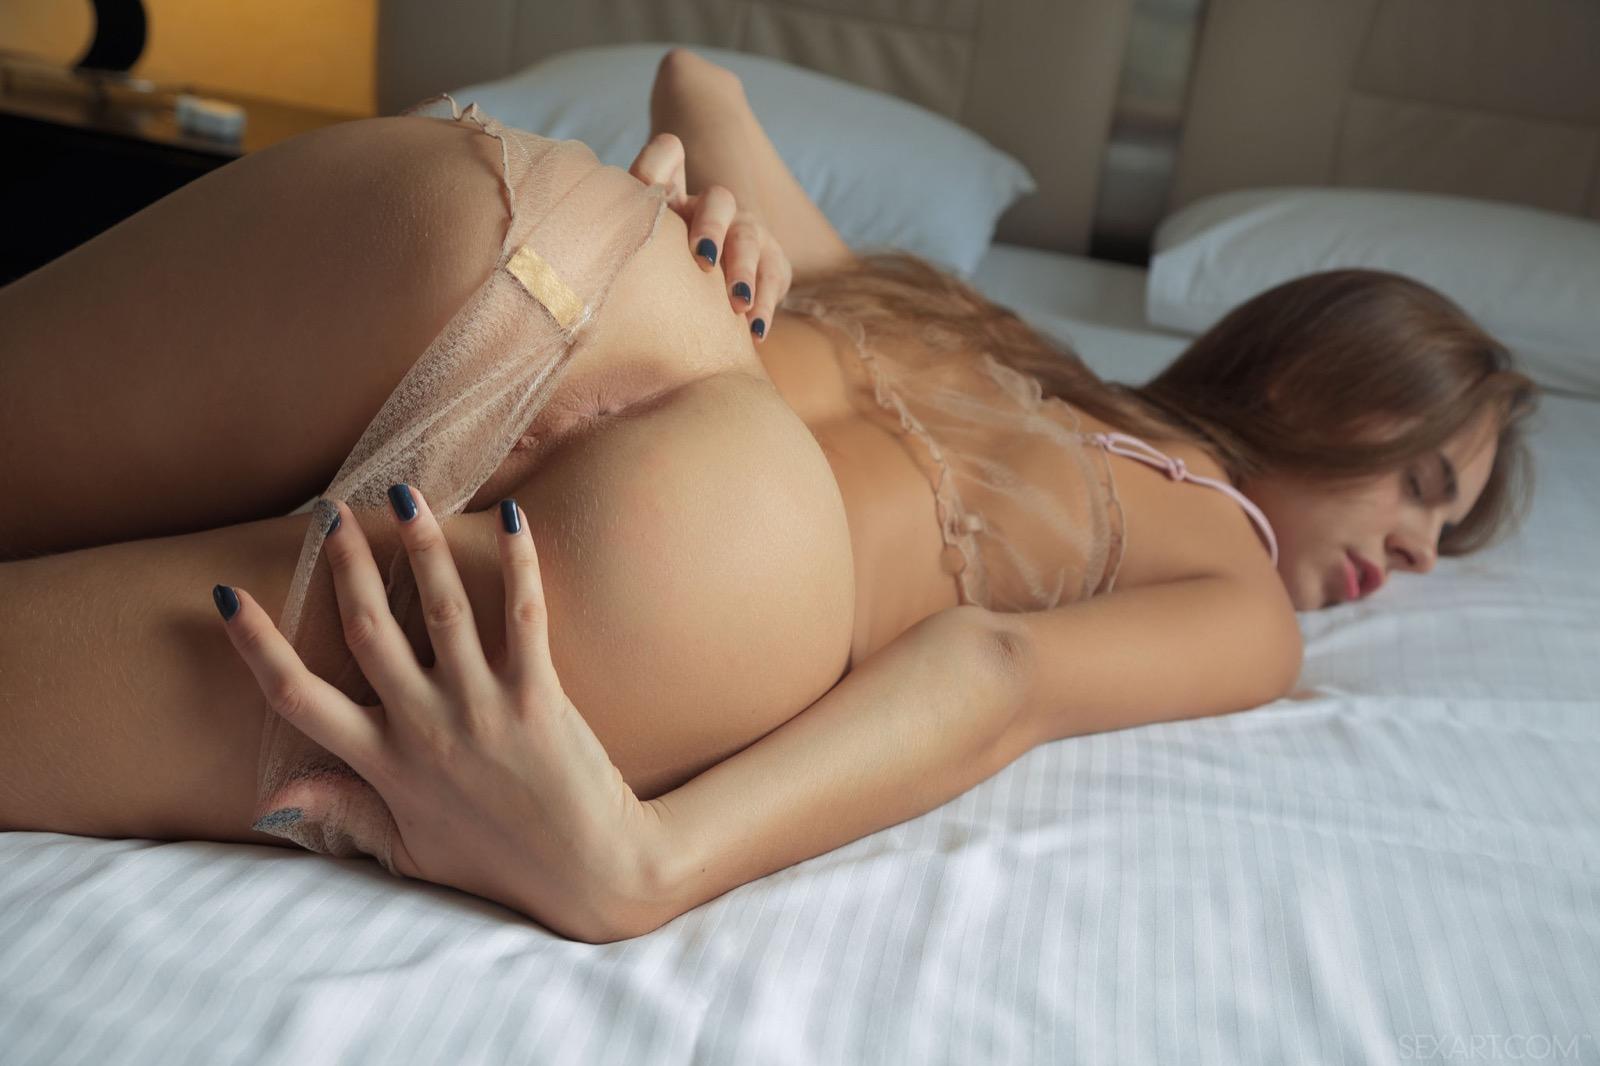 La chatte humide de seins